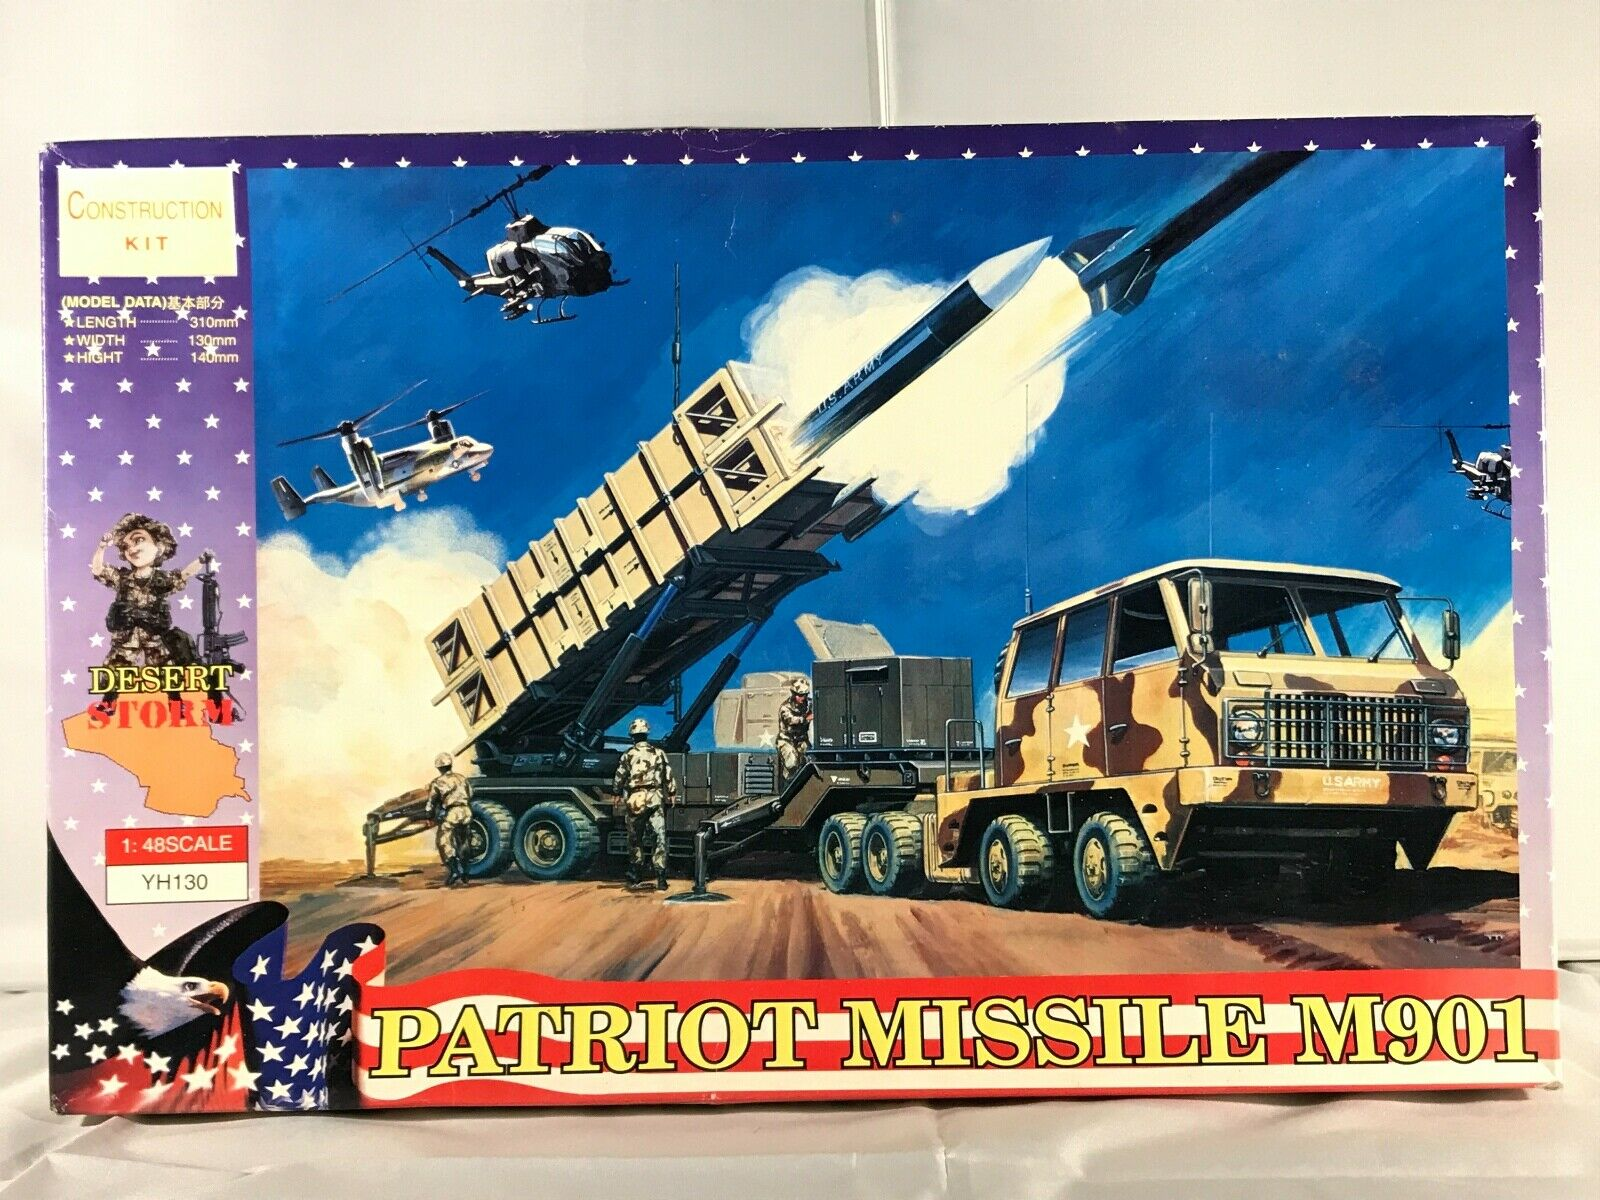 Desert Storm - Patriot - Missile M901 YH130 Construction Kit 1 48 No.1